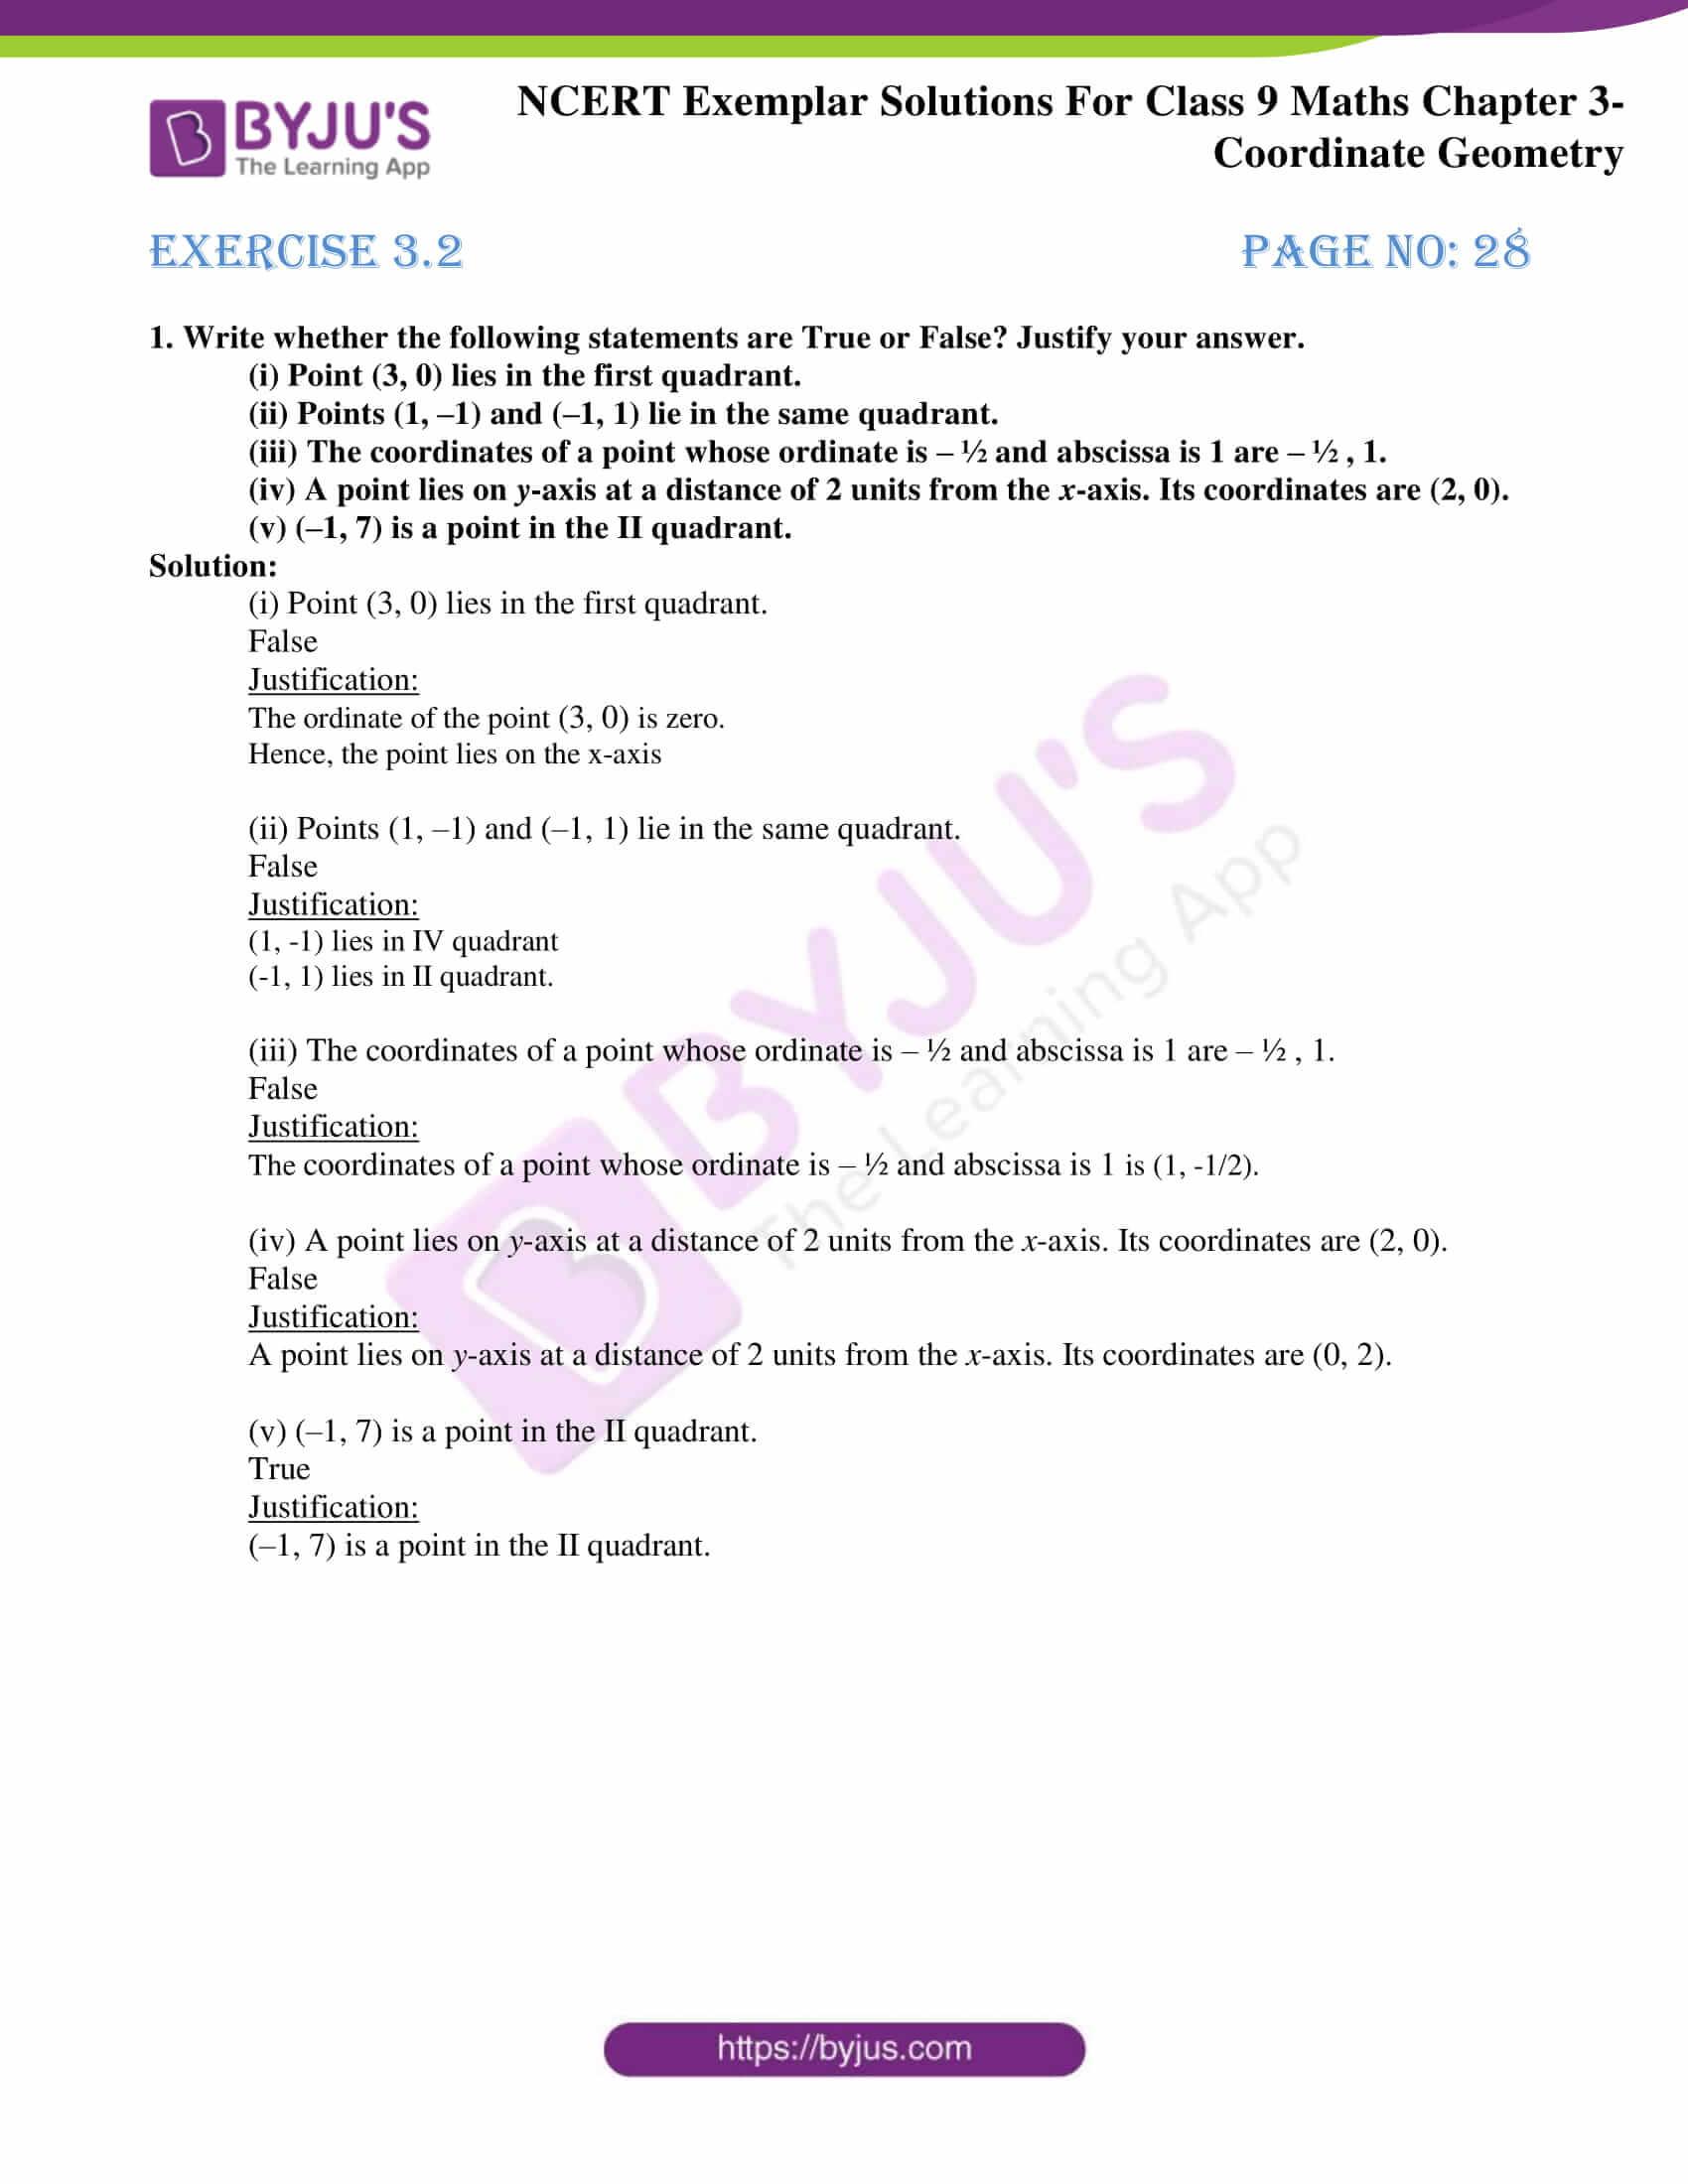 NCERT Exemplar Solutions for Class 9 Maths Chapter 3 05